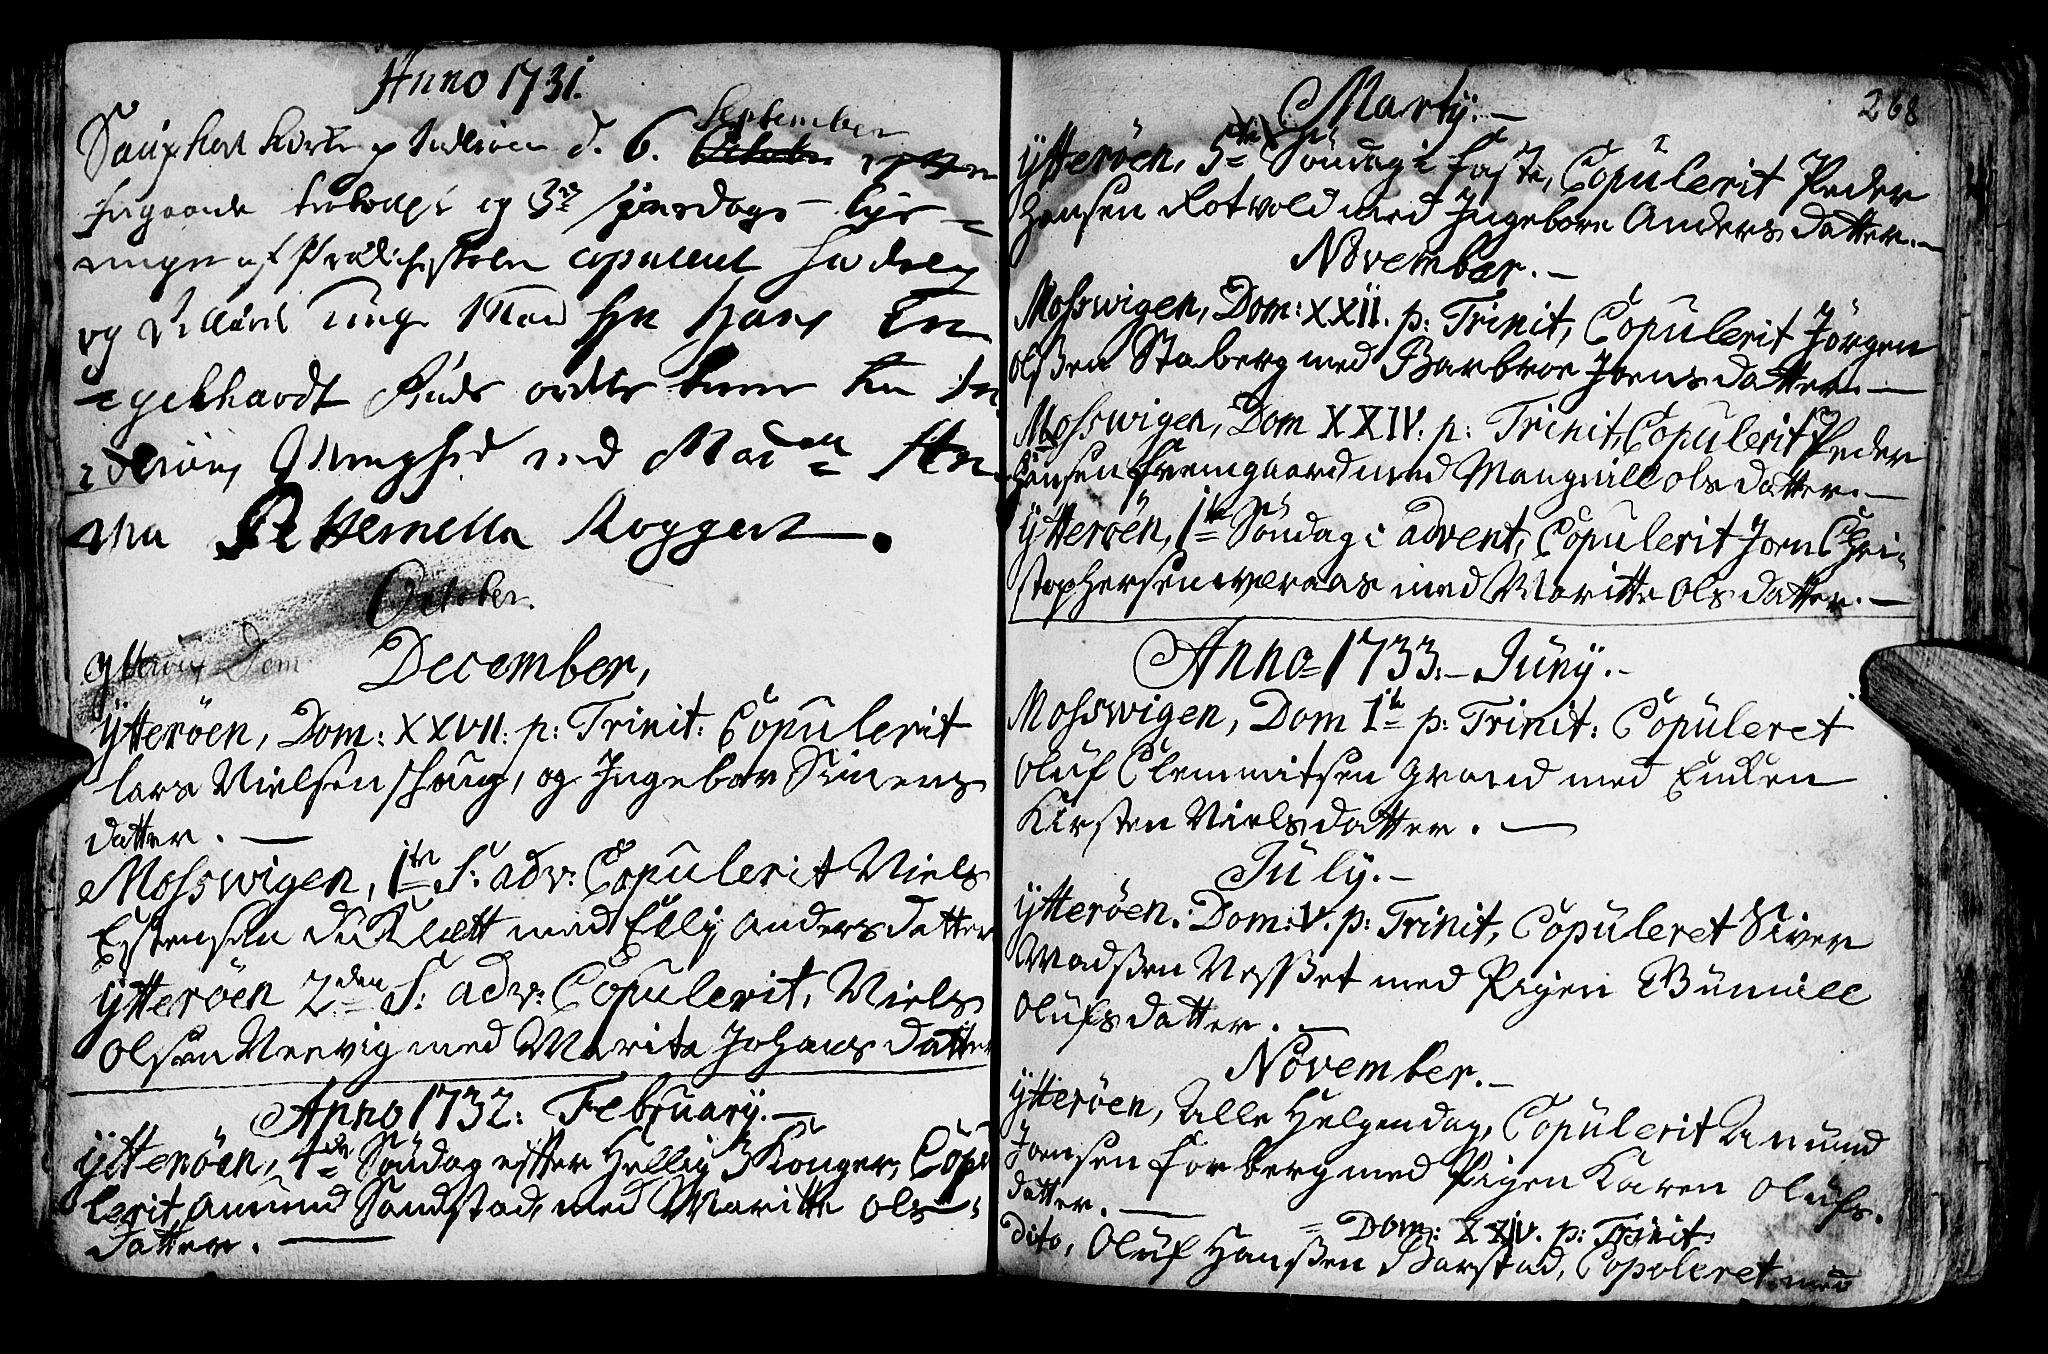 SAT, Ministerialprotokoller, klokkerbøker og fødselsregistre - Nord-Trøndelag, 722/L0215: Ministerialbok nr. 722A02, 1718-1755, s. 268